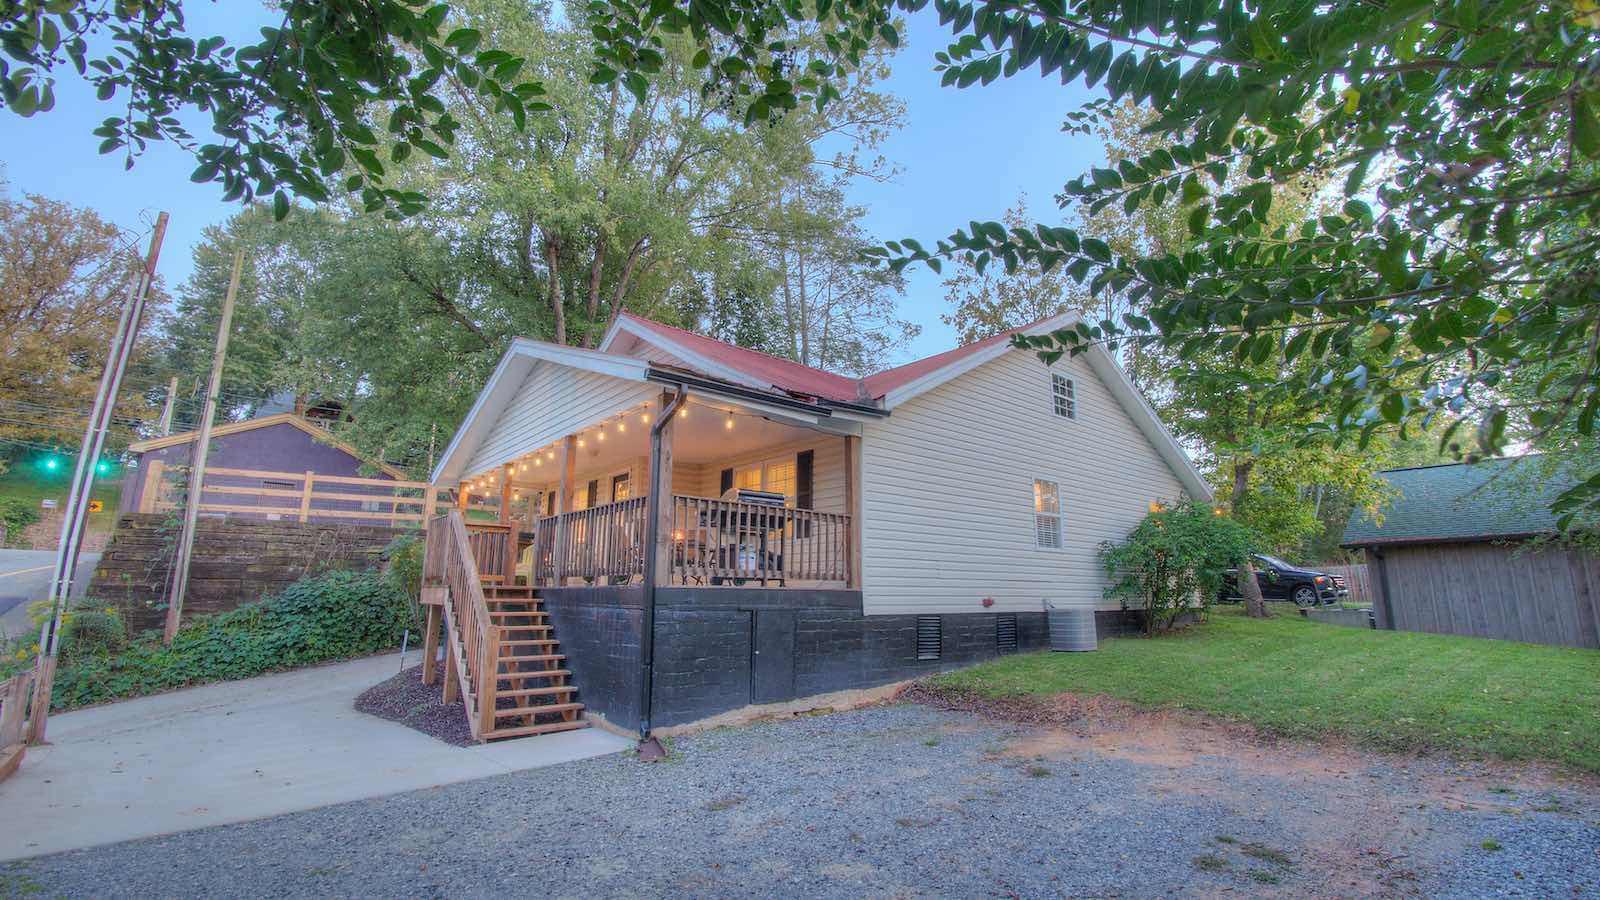 Bungalow 46 Rental Cabin Blue Ridge Ga